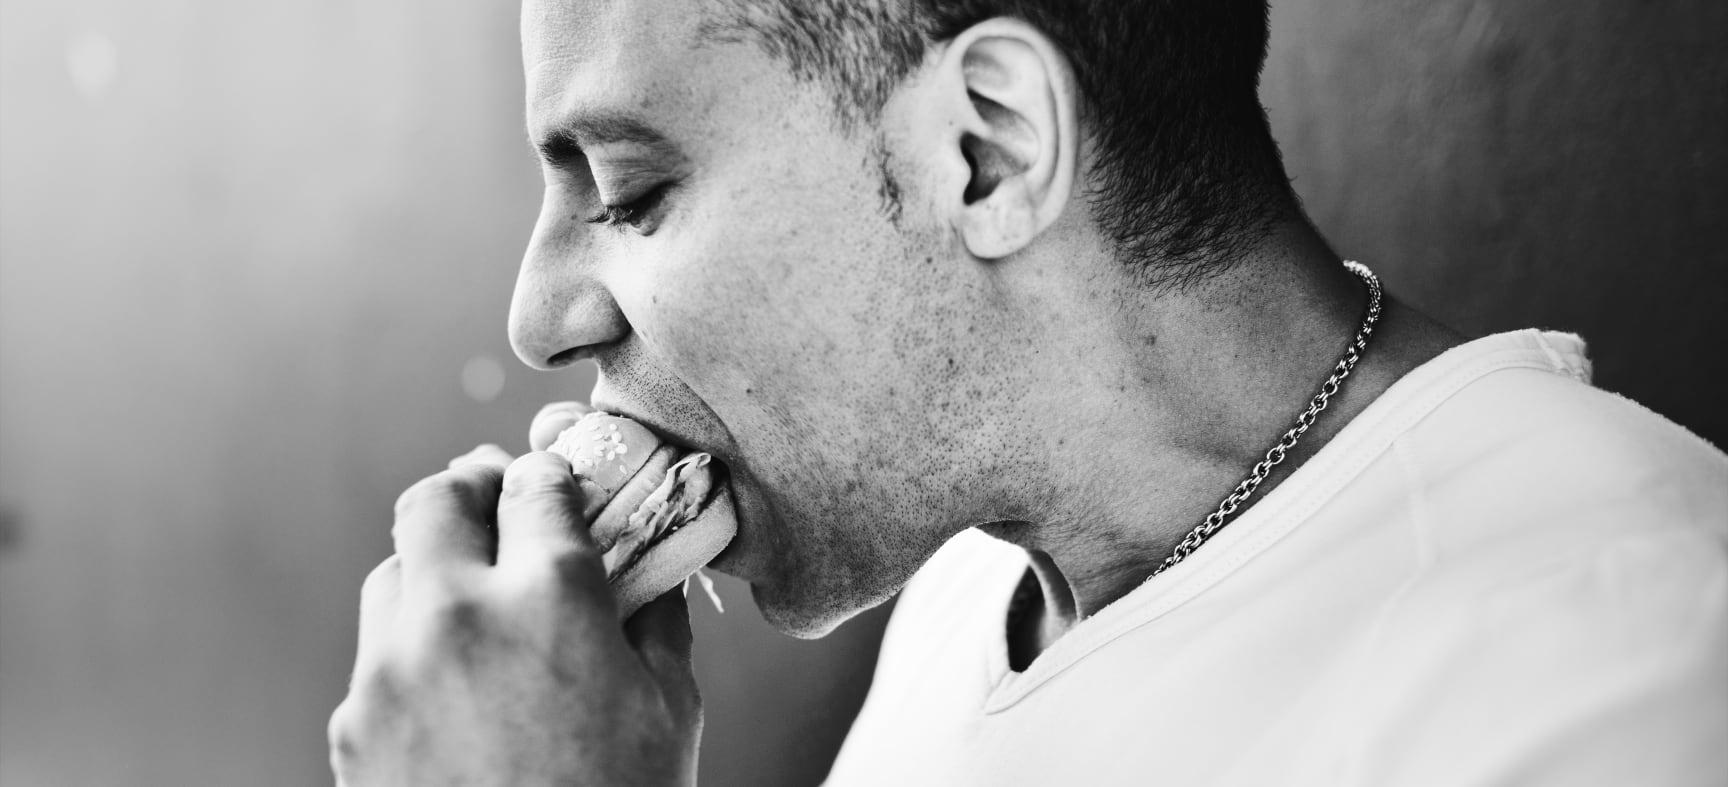 El mito de acelerar el metabolismo comiendo cada 2 o 3 horas